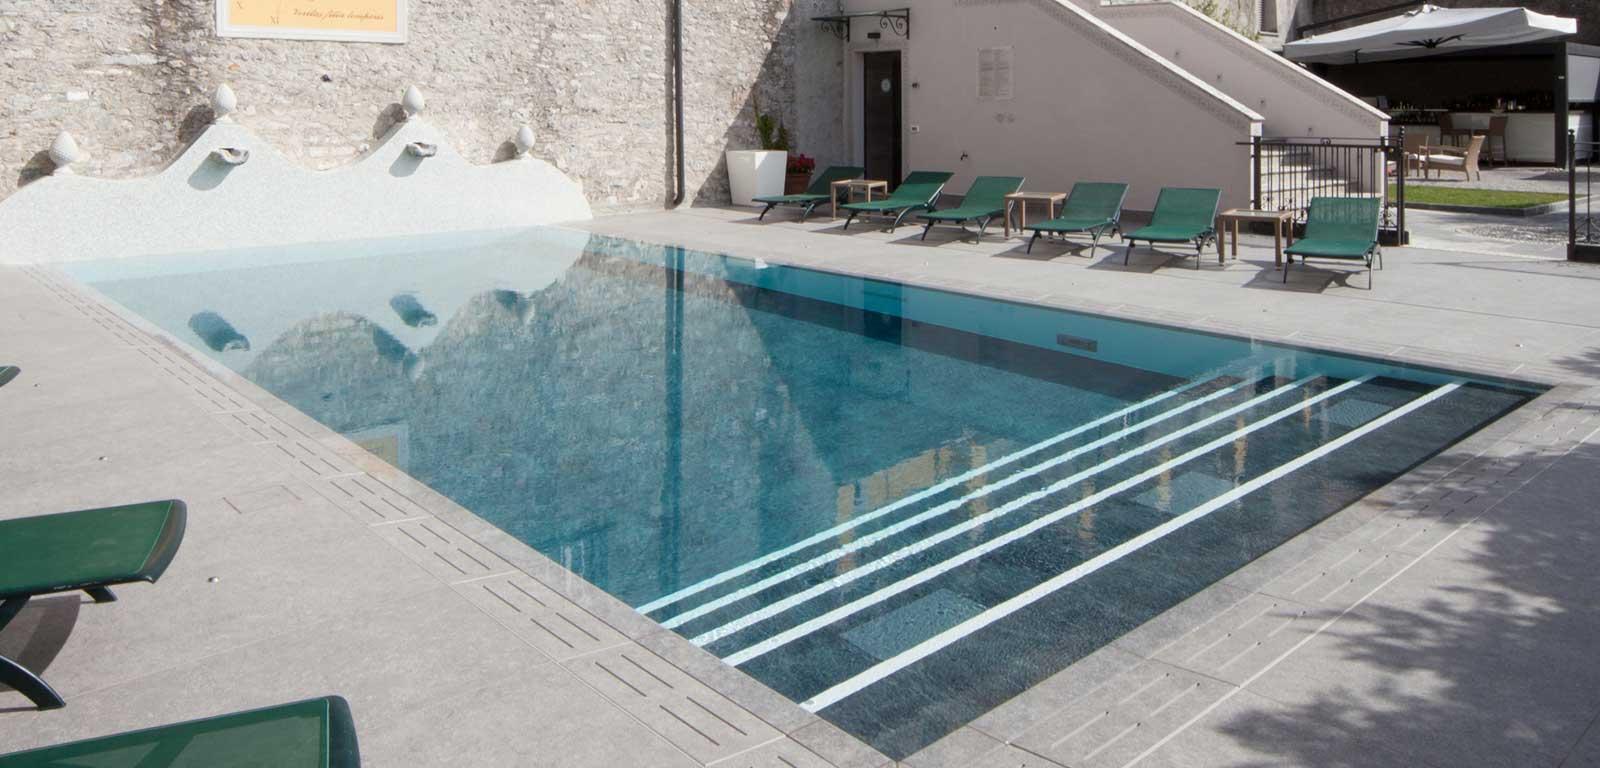 Piscine con rivestimento grigio piscine castiglione - Rivestimento piastrelle per piscine ...